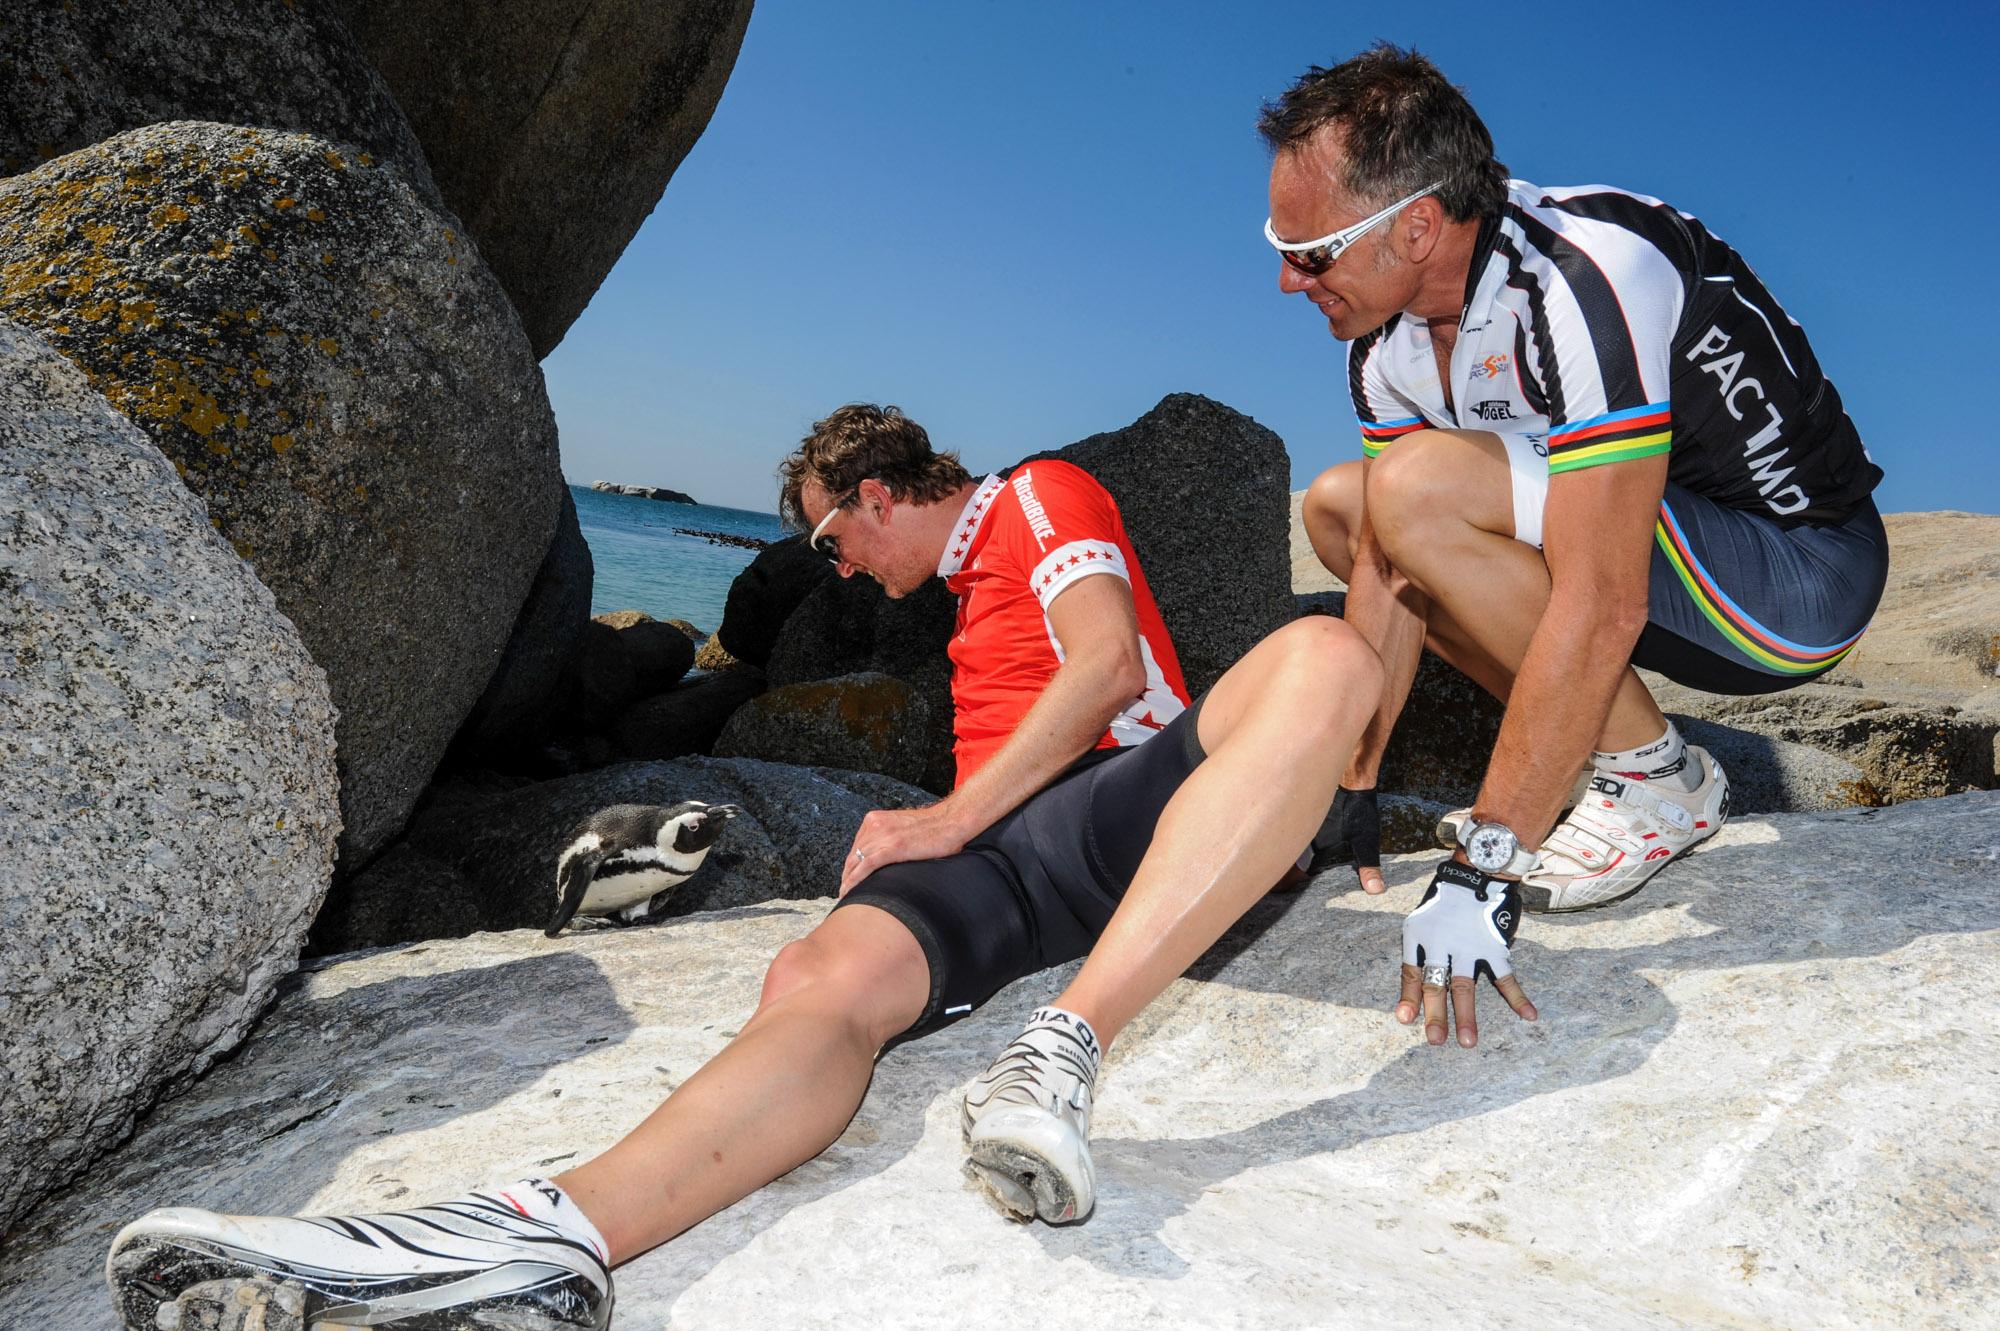 Jens Vögele und Mike Kluge entdecken am Strand einen Pinguin